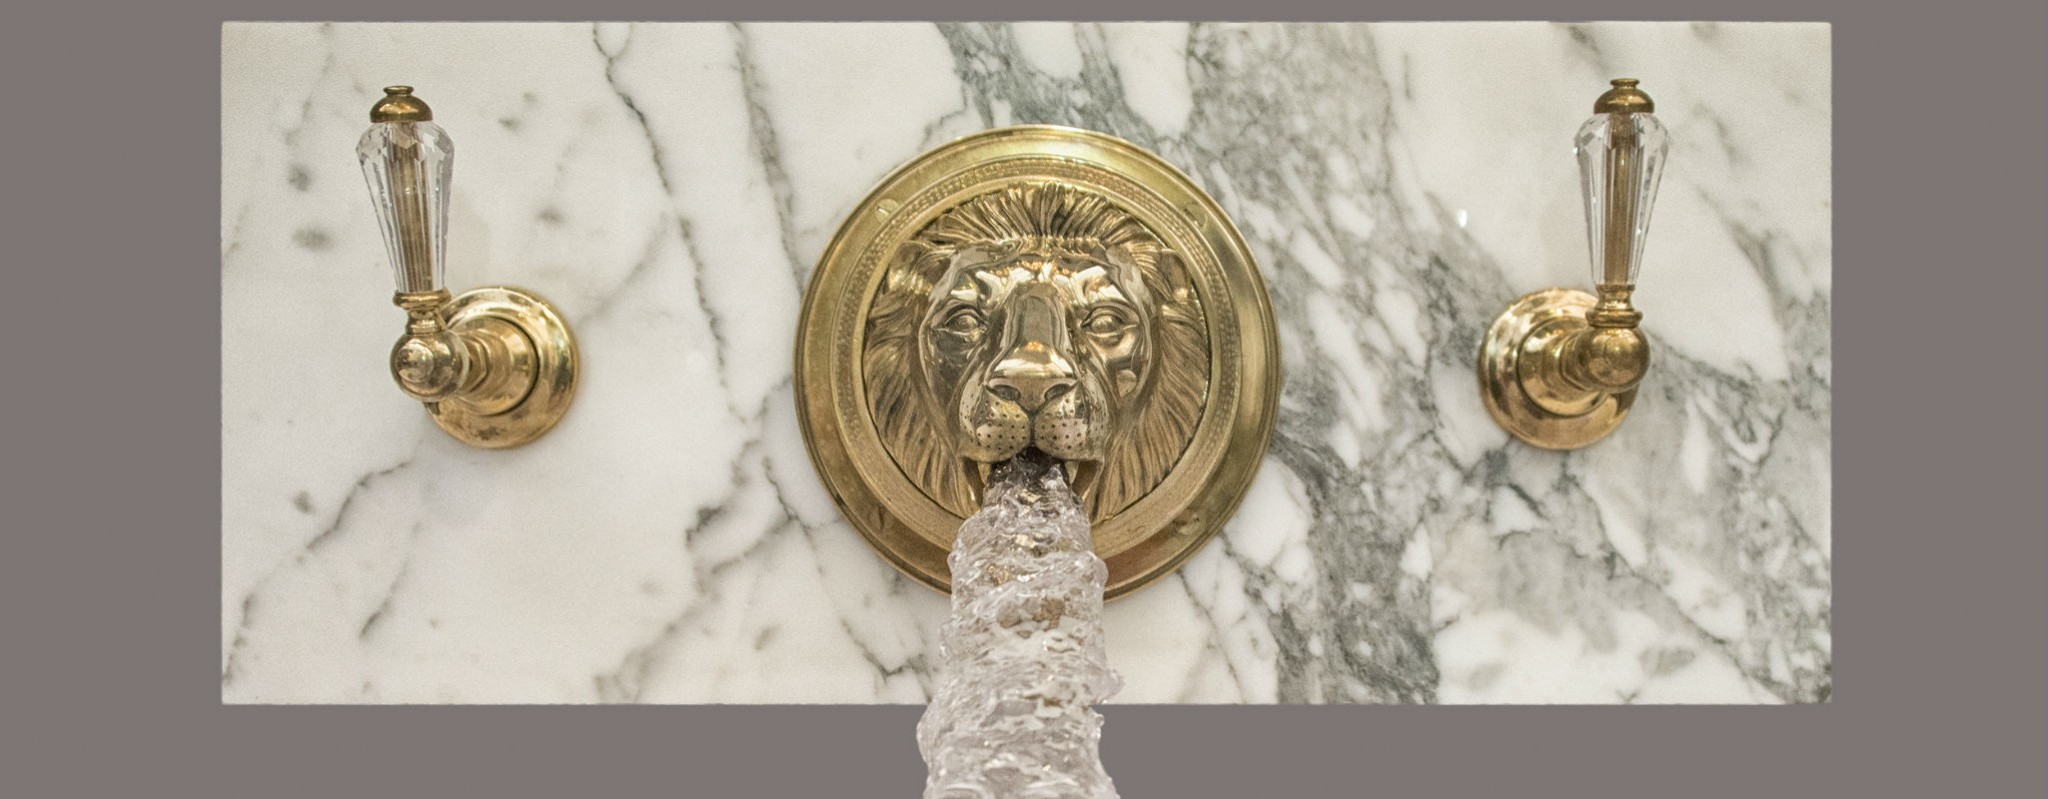 vintage kitchen faucet fruit lion bath/basin filler | chadder & co.